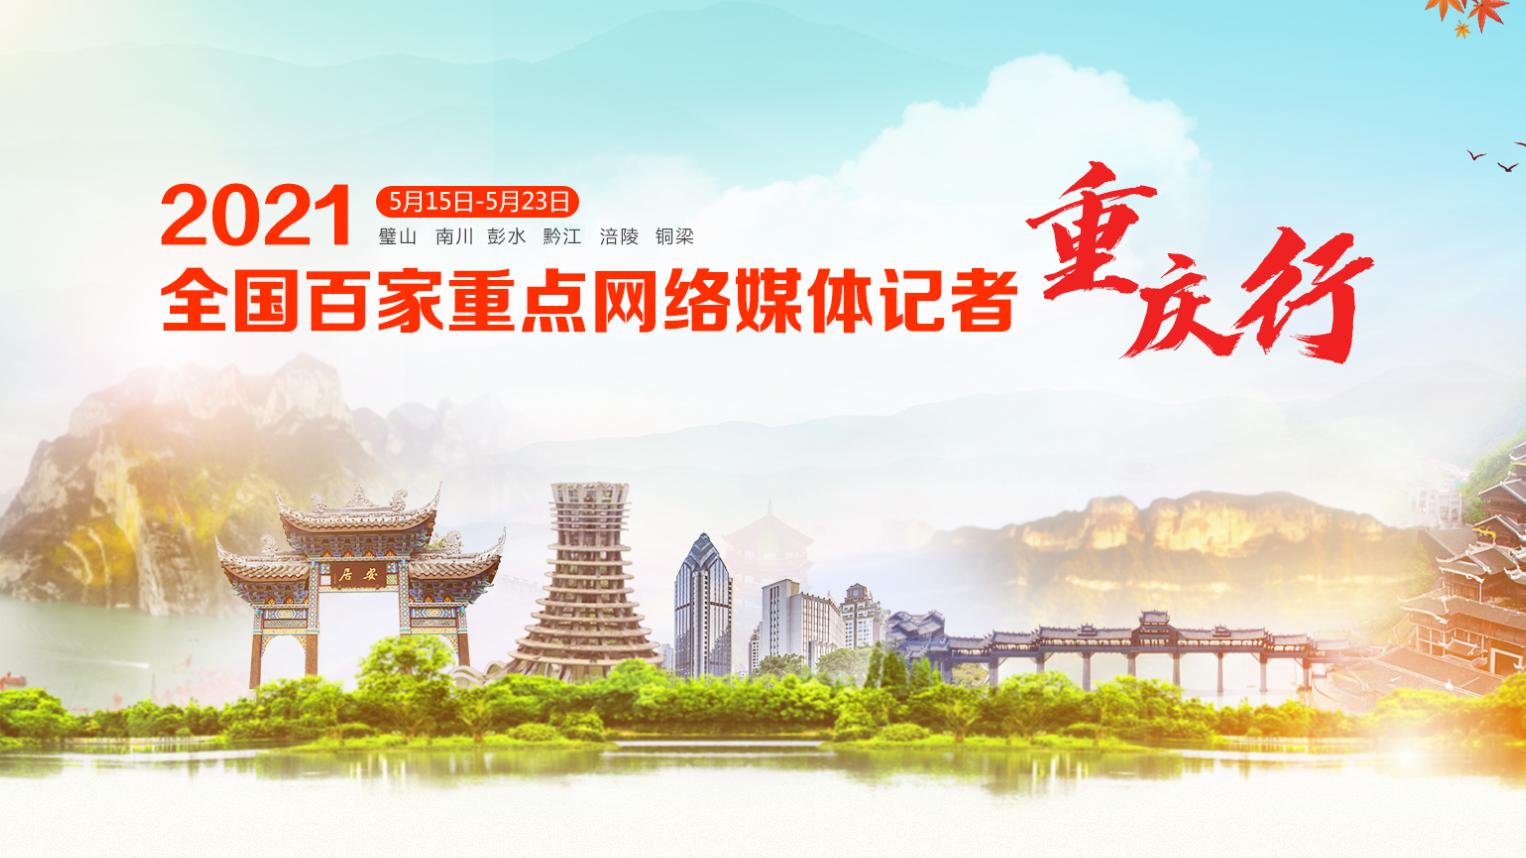 2021全国百家重点网络媒体记者重庆行